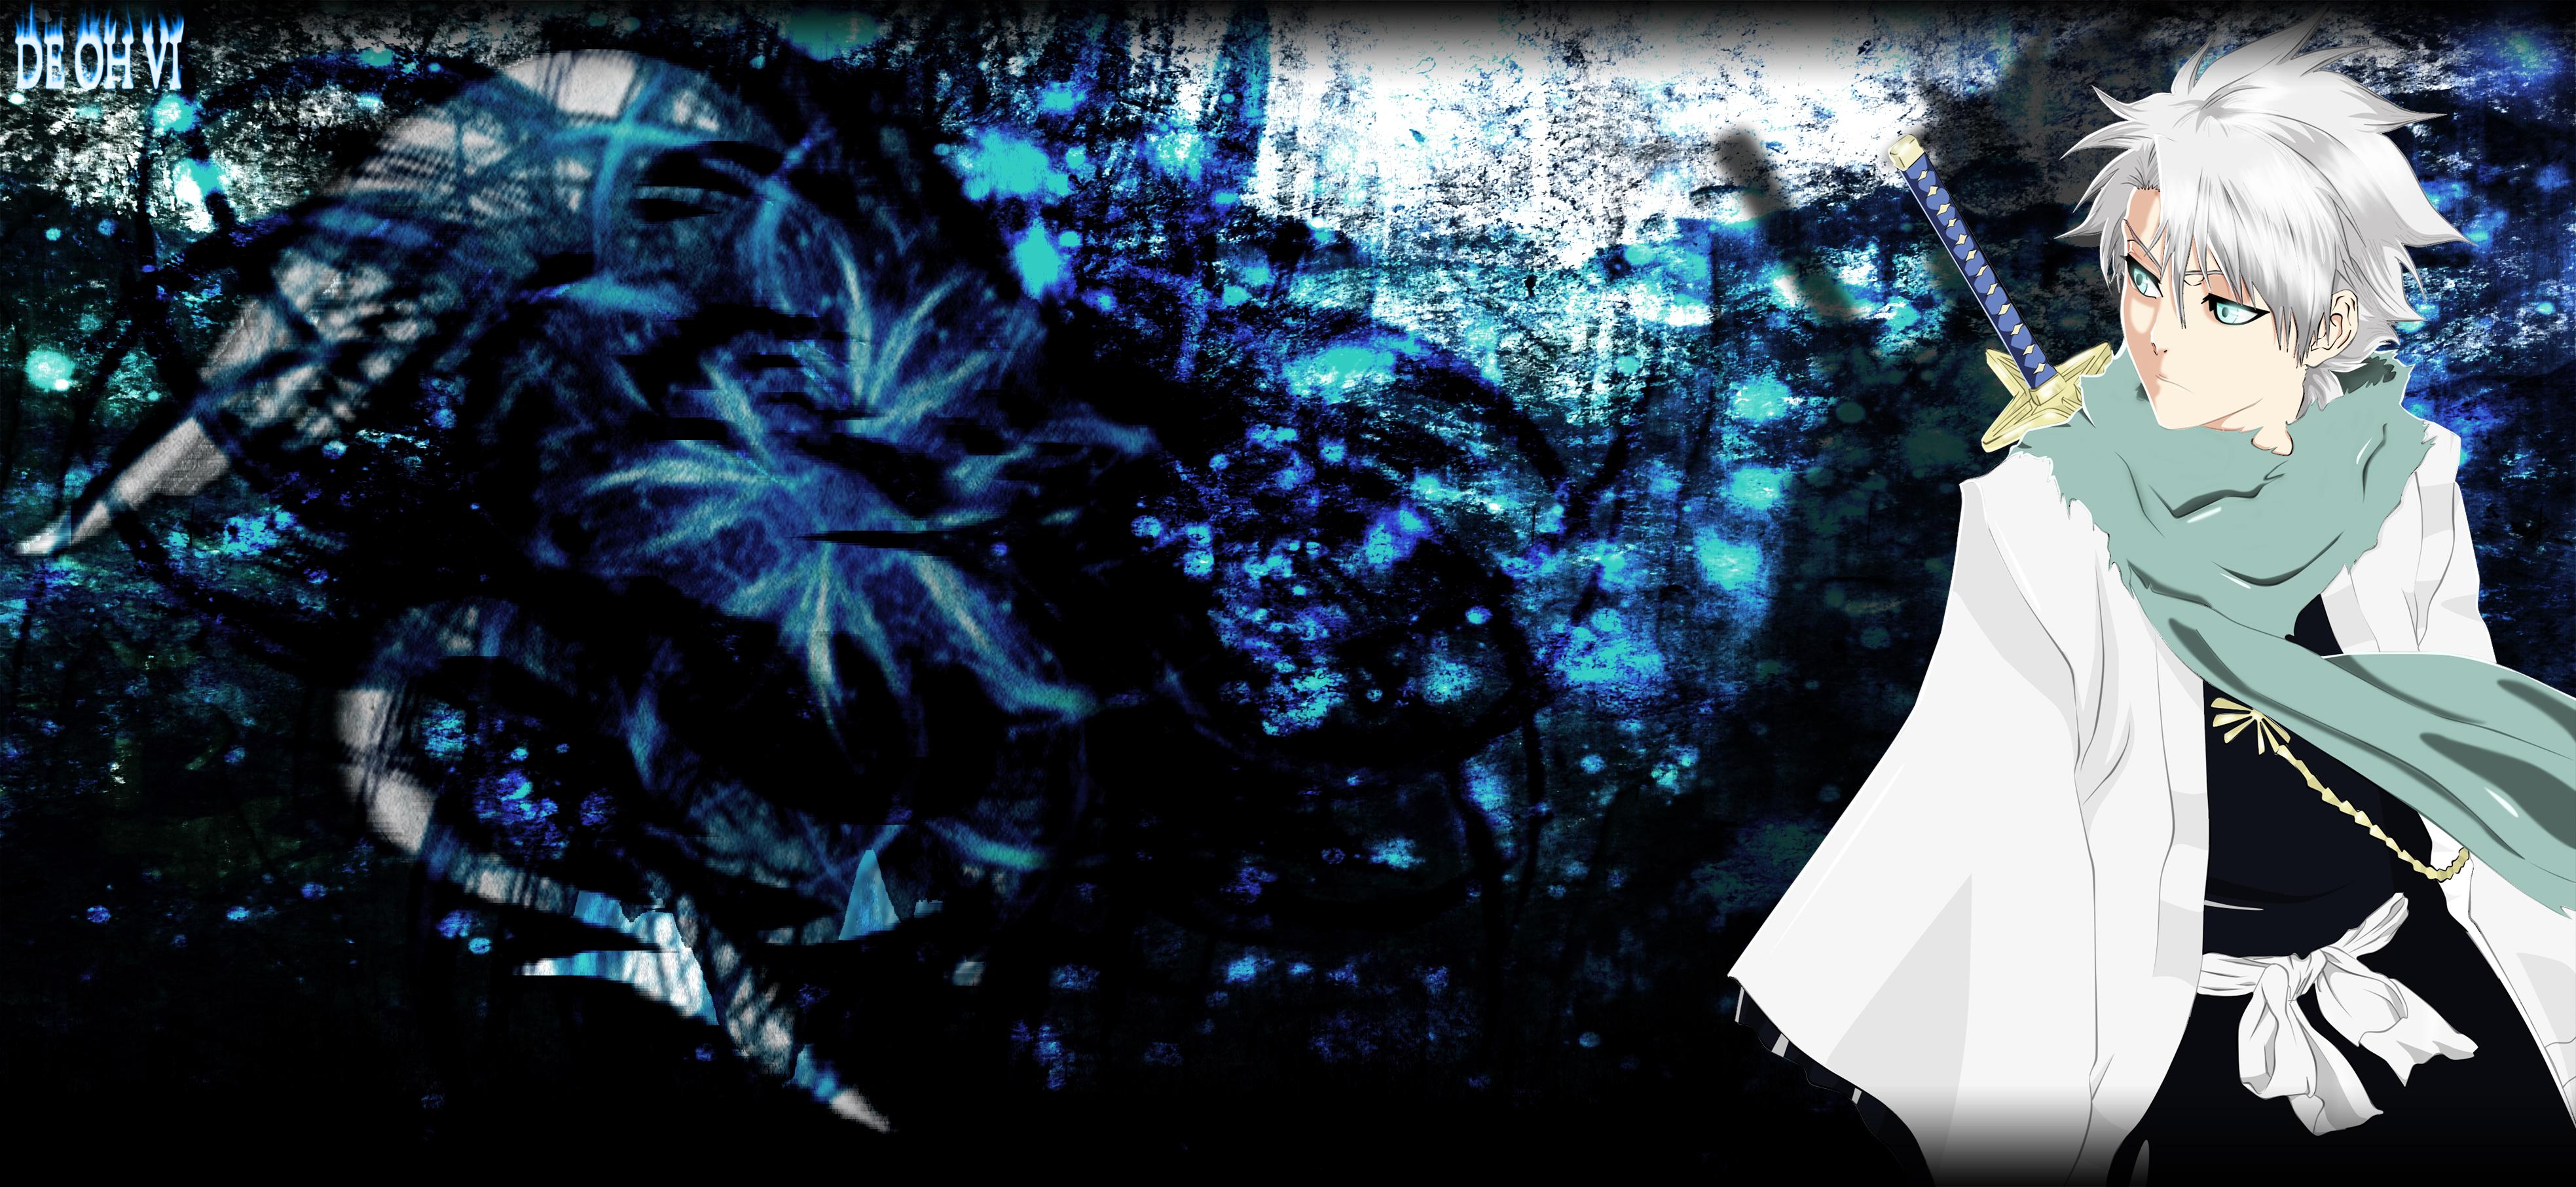 Tags Anime DEOHVI BLEACH Hitsugaya Toushirou Wallpaper HD